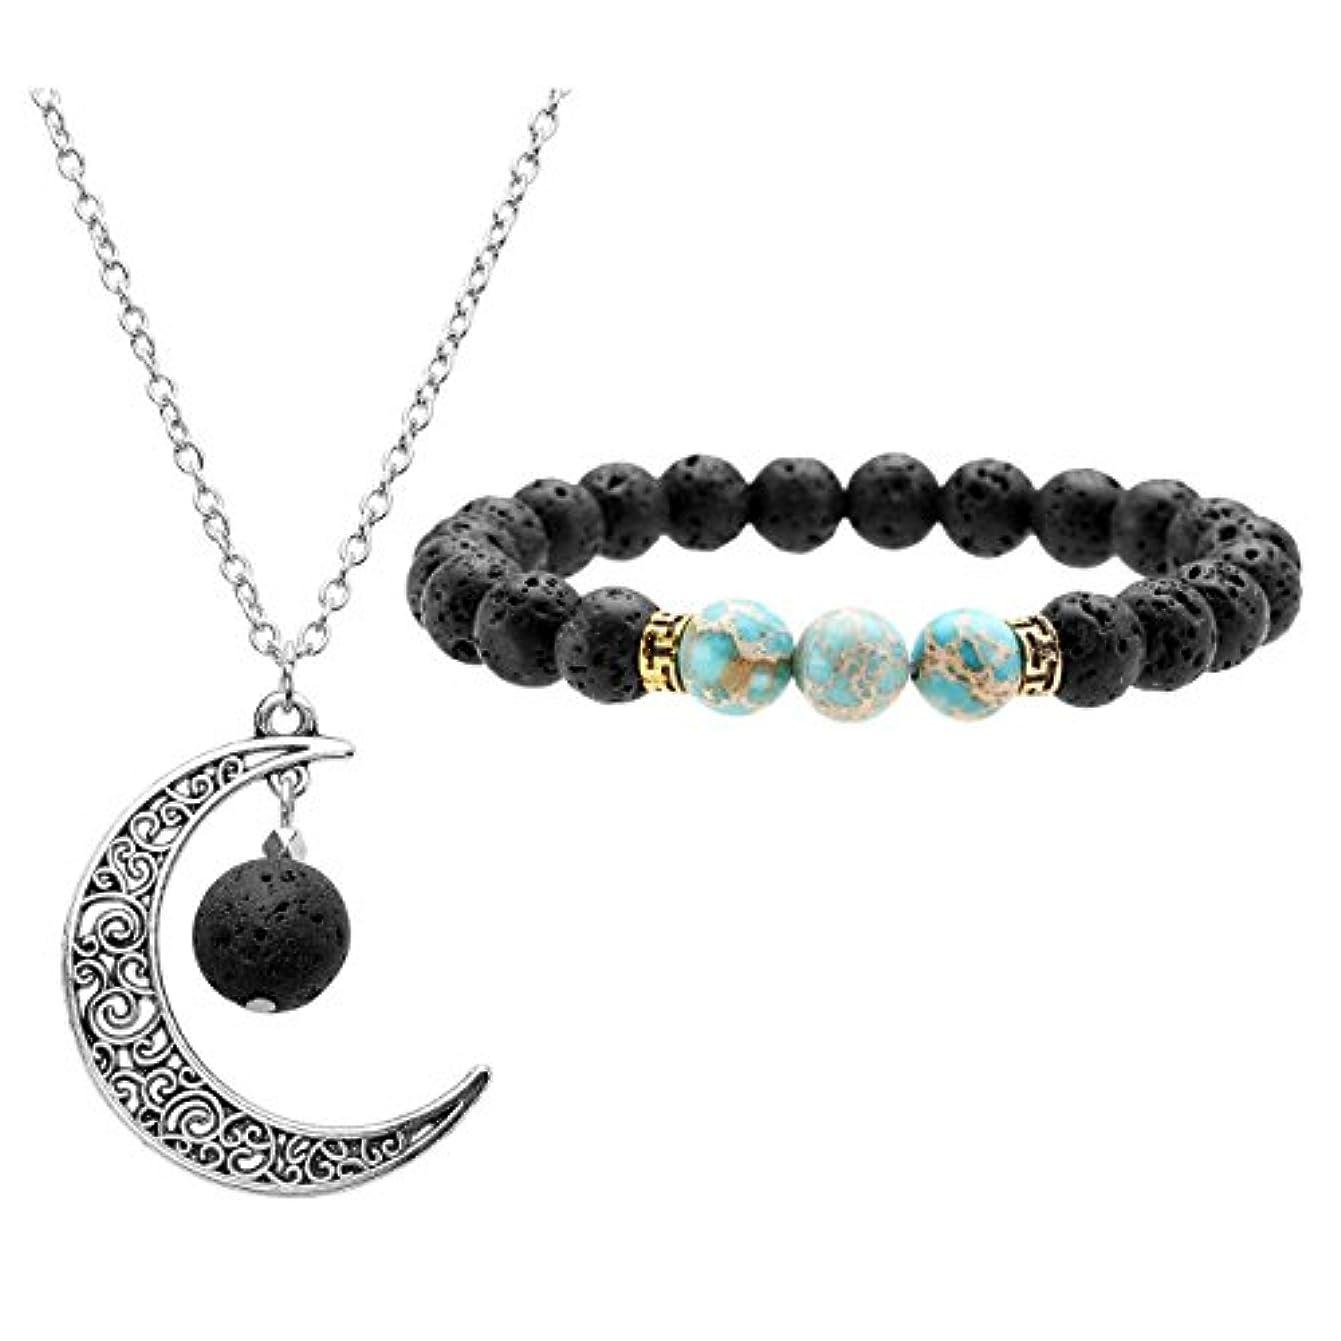 丈夫立ち寄る解釈するJOVIVI Lava Stone Aromatherapy Essential Oil Diffuser Necklace Bracelet Set- Crescent Moon Jewellery